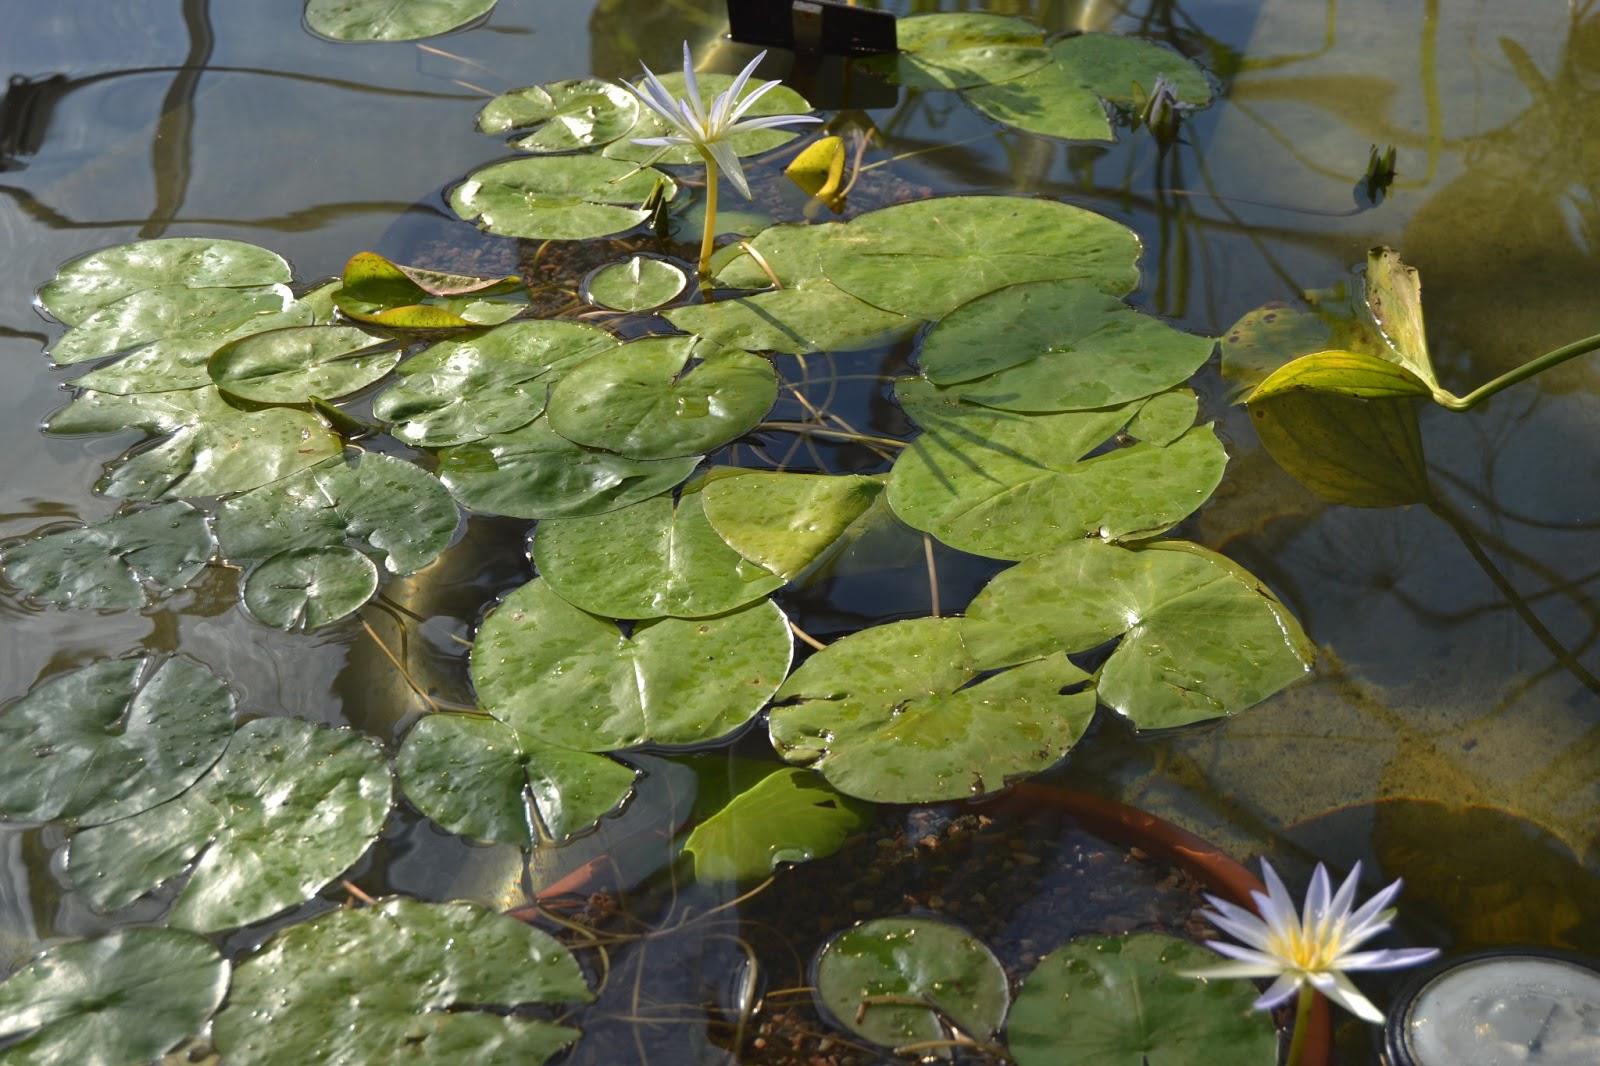 Vierailu Helsingin Kasvitieteellisessä puutarhassa – Visiting The Botanical Garden in Helsinki